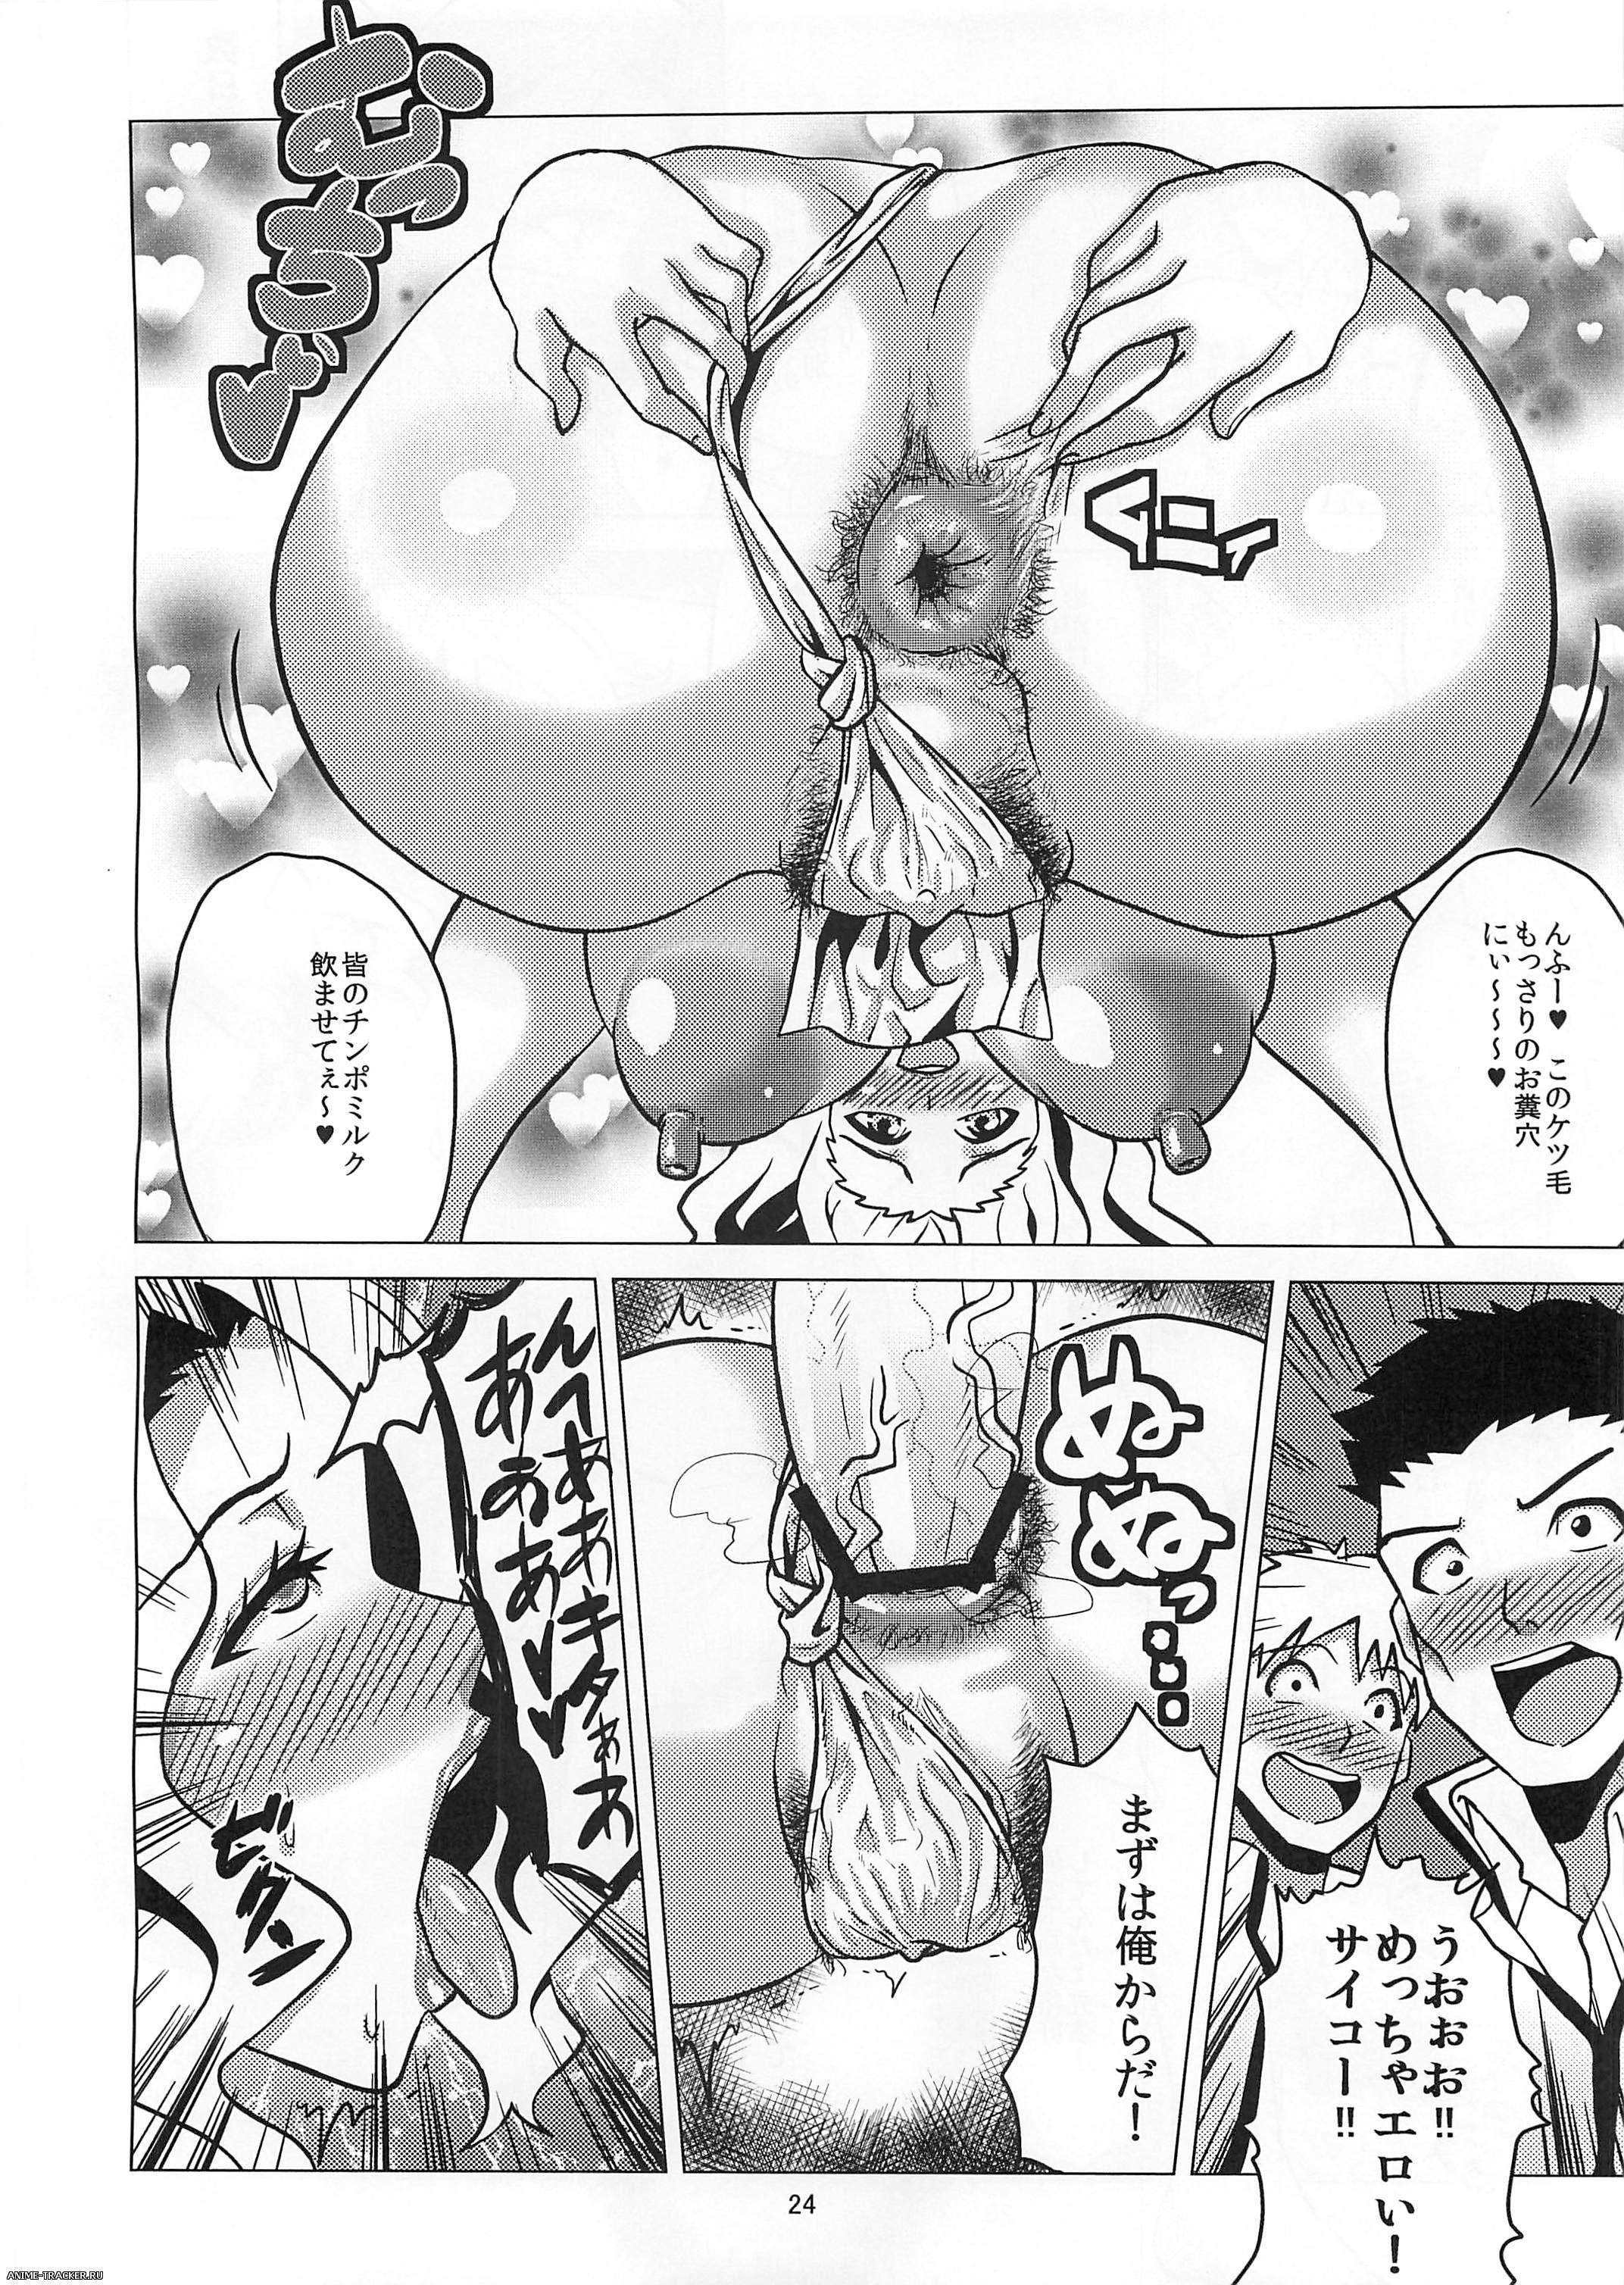 Yokkora / Amarini Senpaku! - Сборник хентай манги [Cen] [JAP,RUS,ENG] Manga Hentai